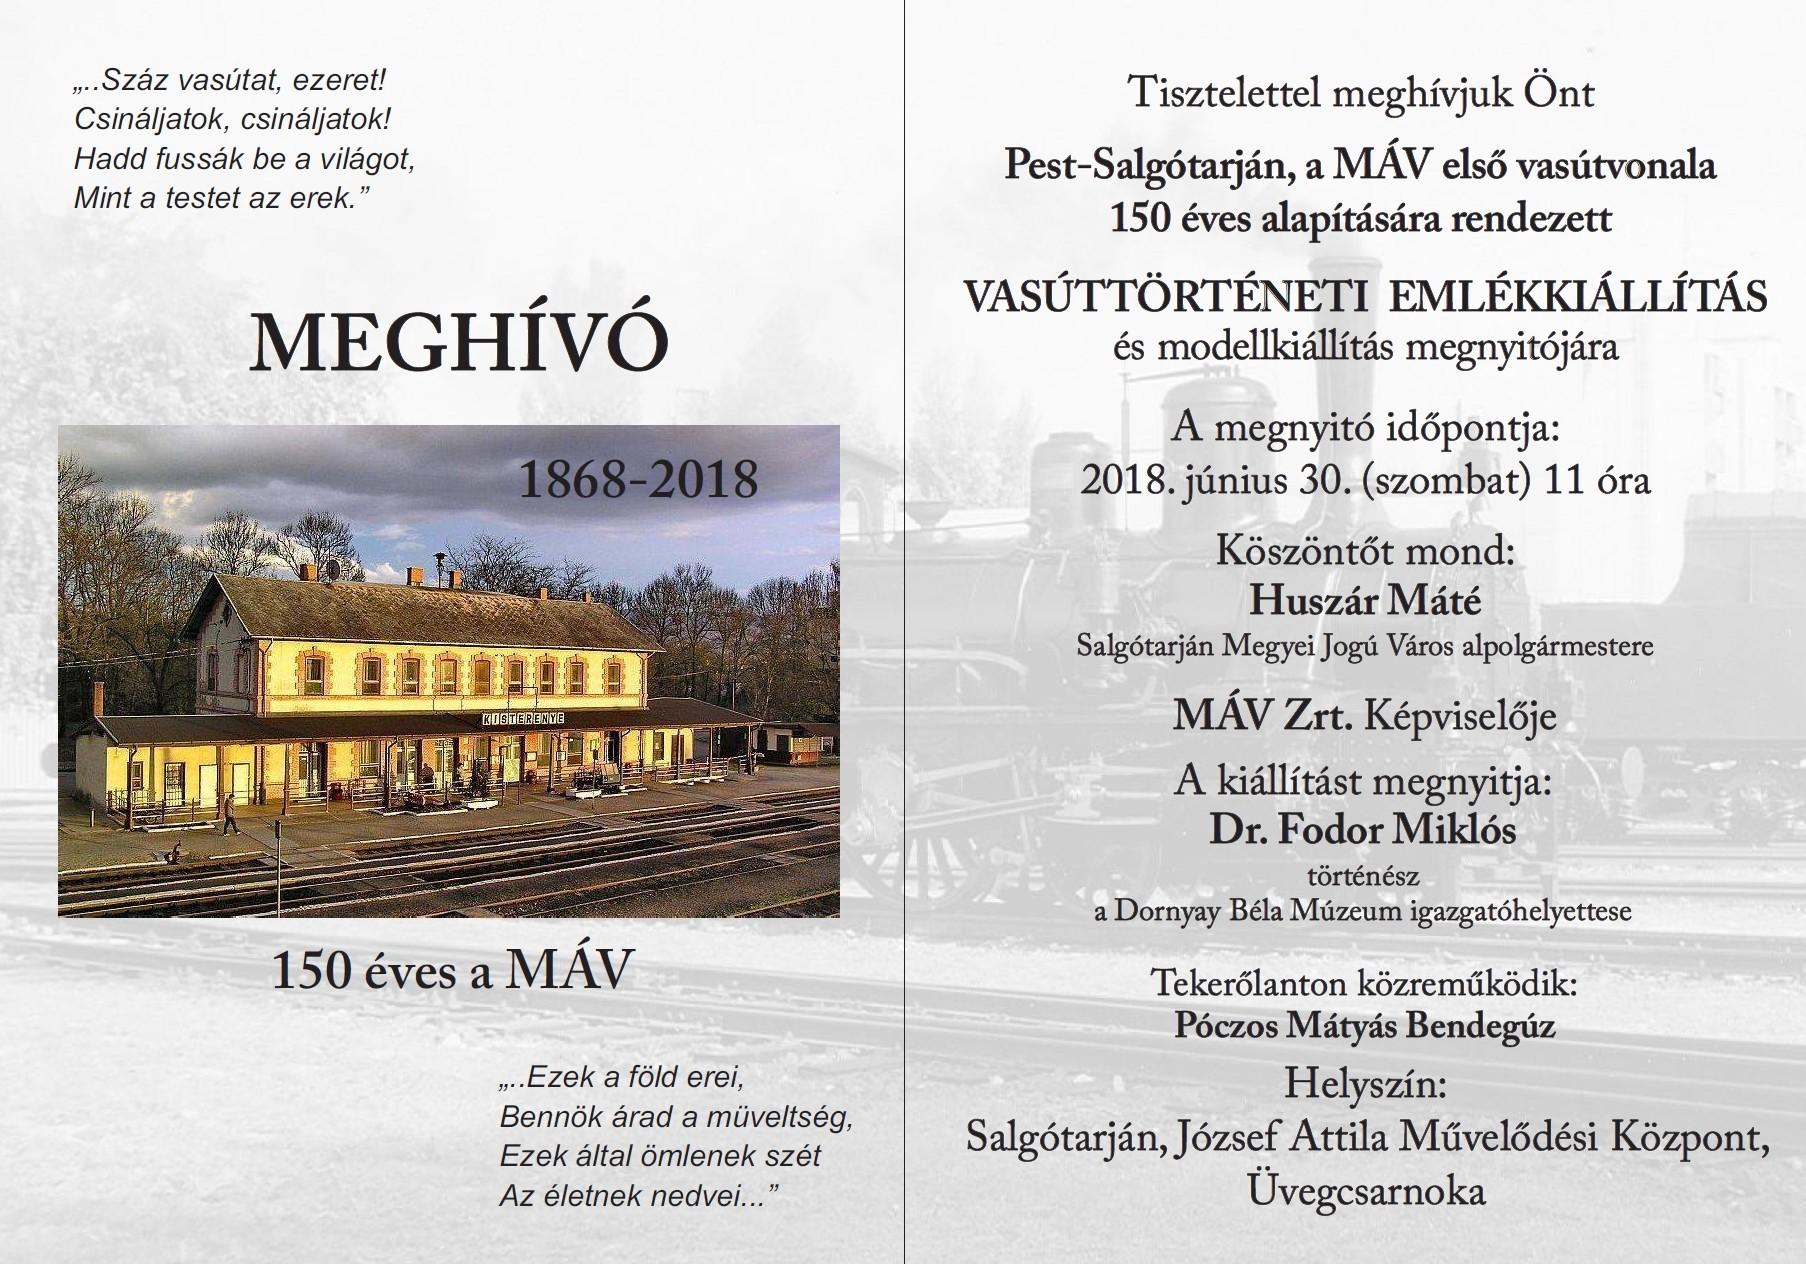 Kiállítás nyílik a 150 éves a Pest-Salgótarján vasútról